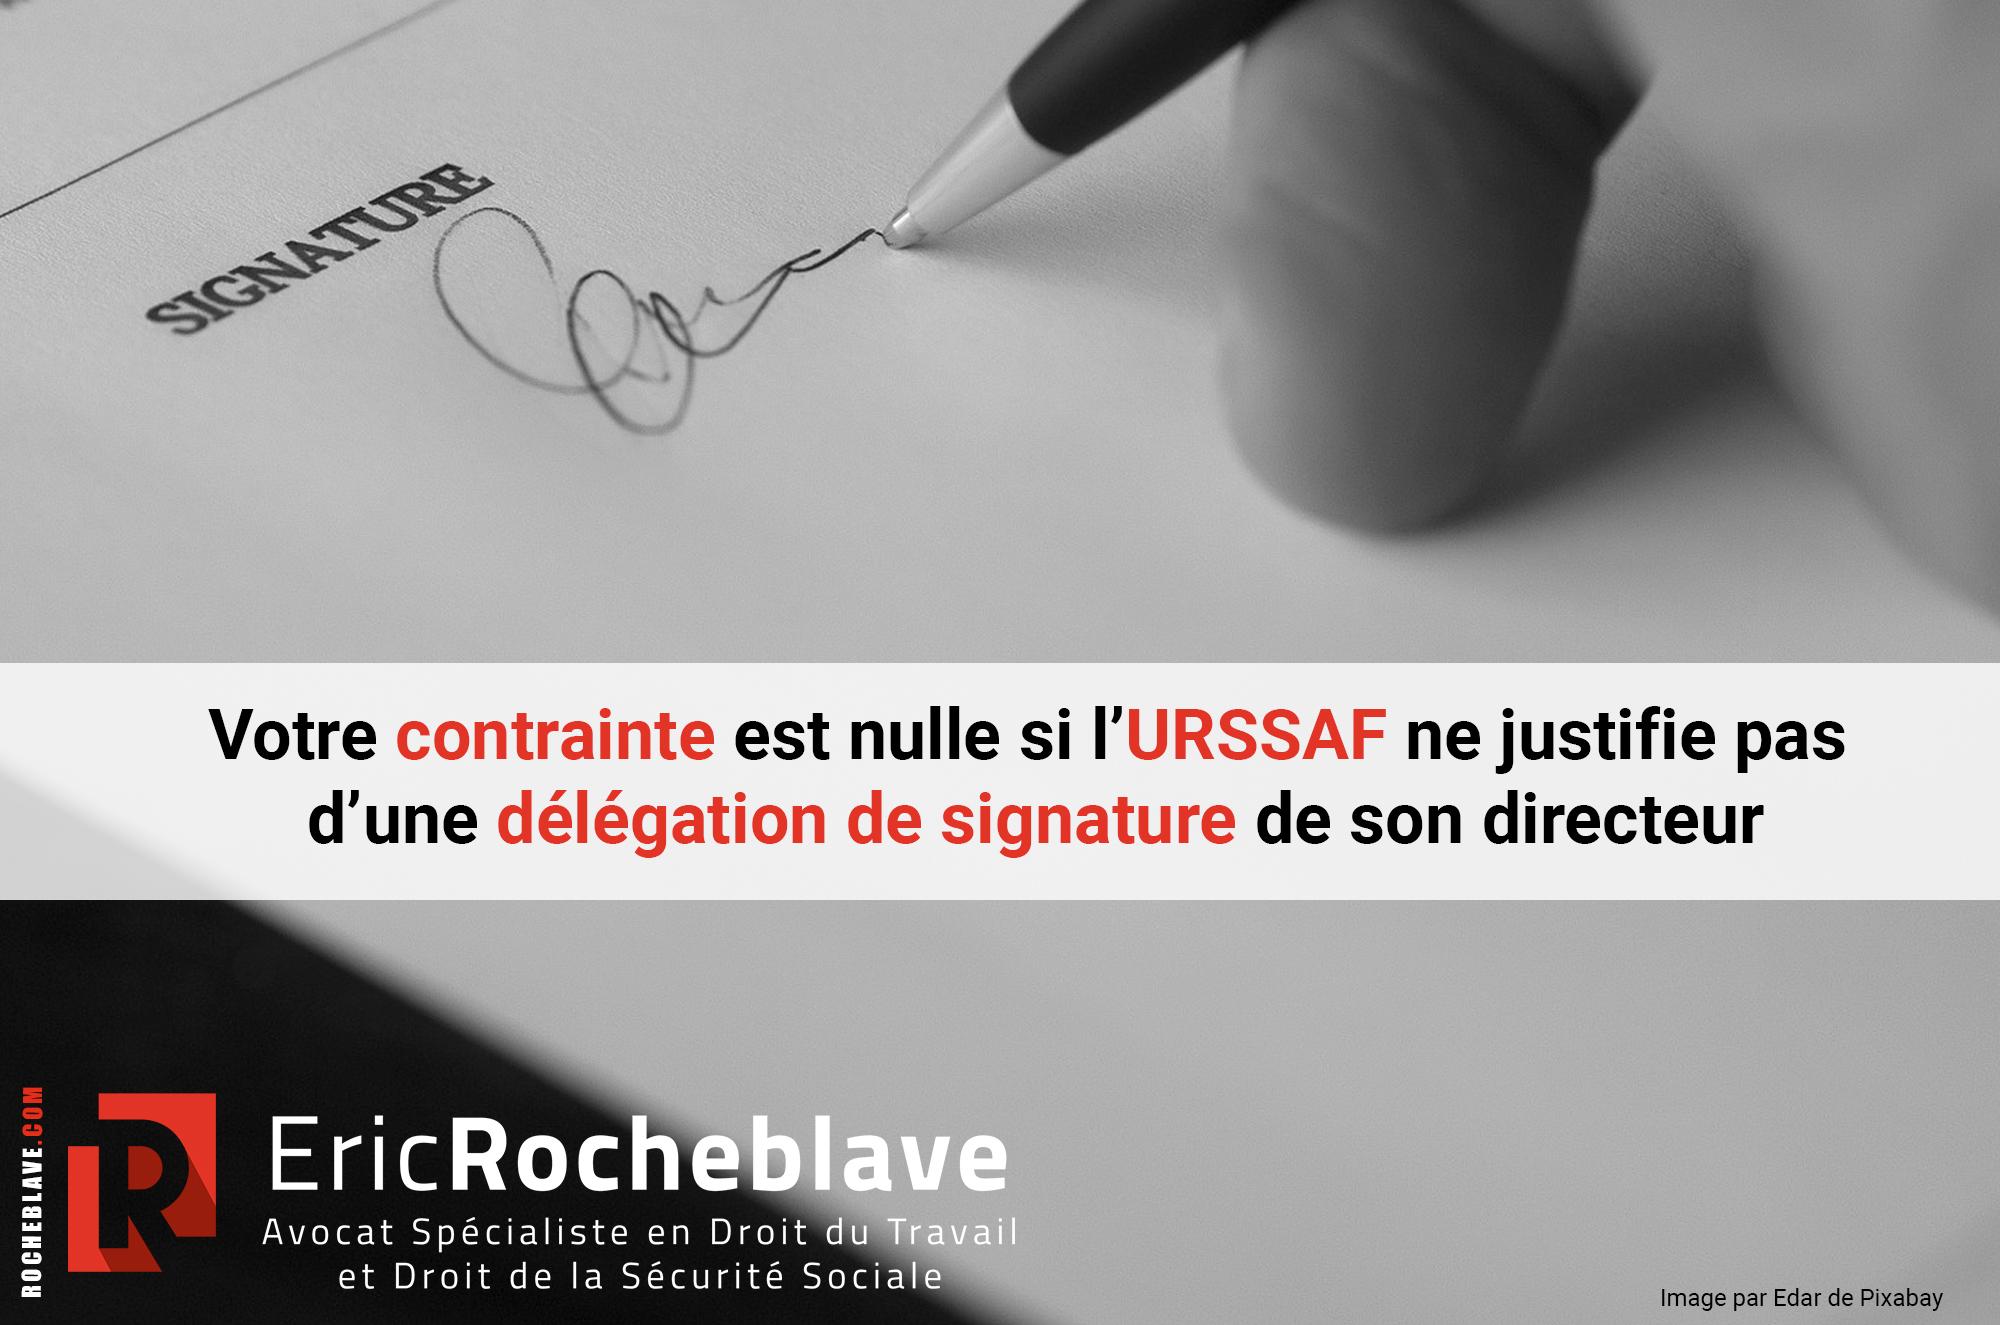 Votre contrainte est nulle si l'URSSAF ne justifie pas d'une délégation de signature de son directeur